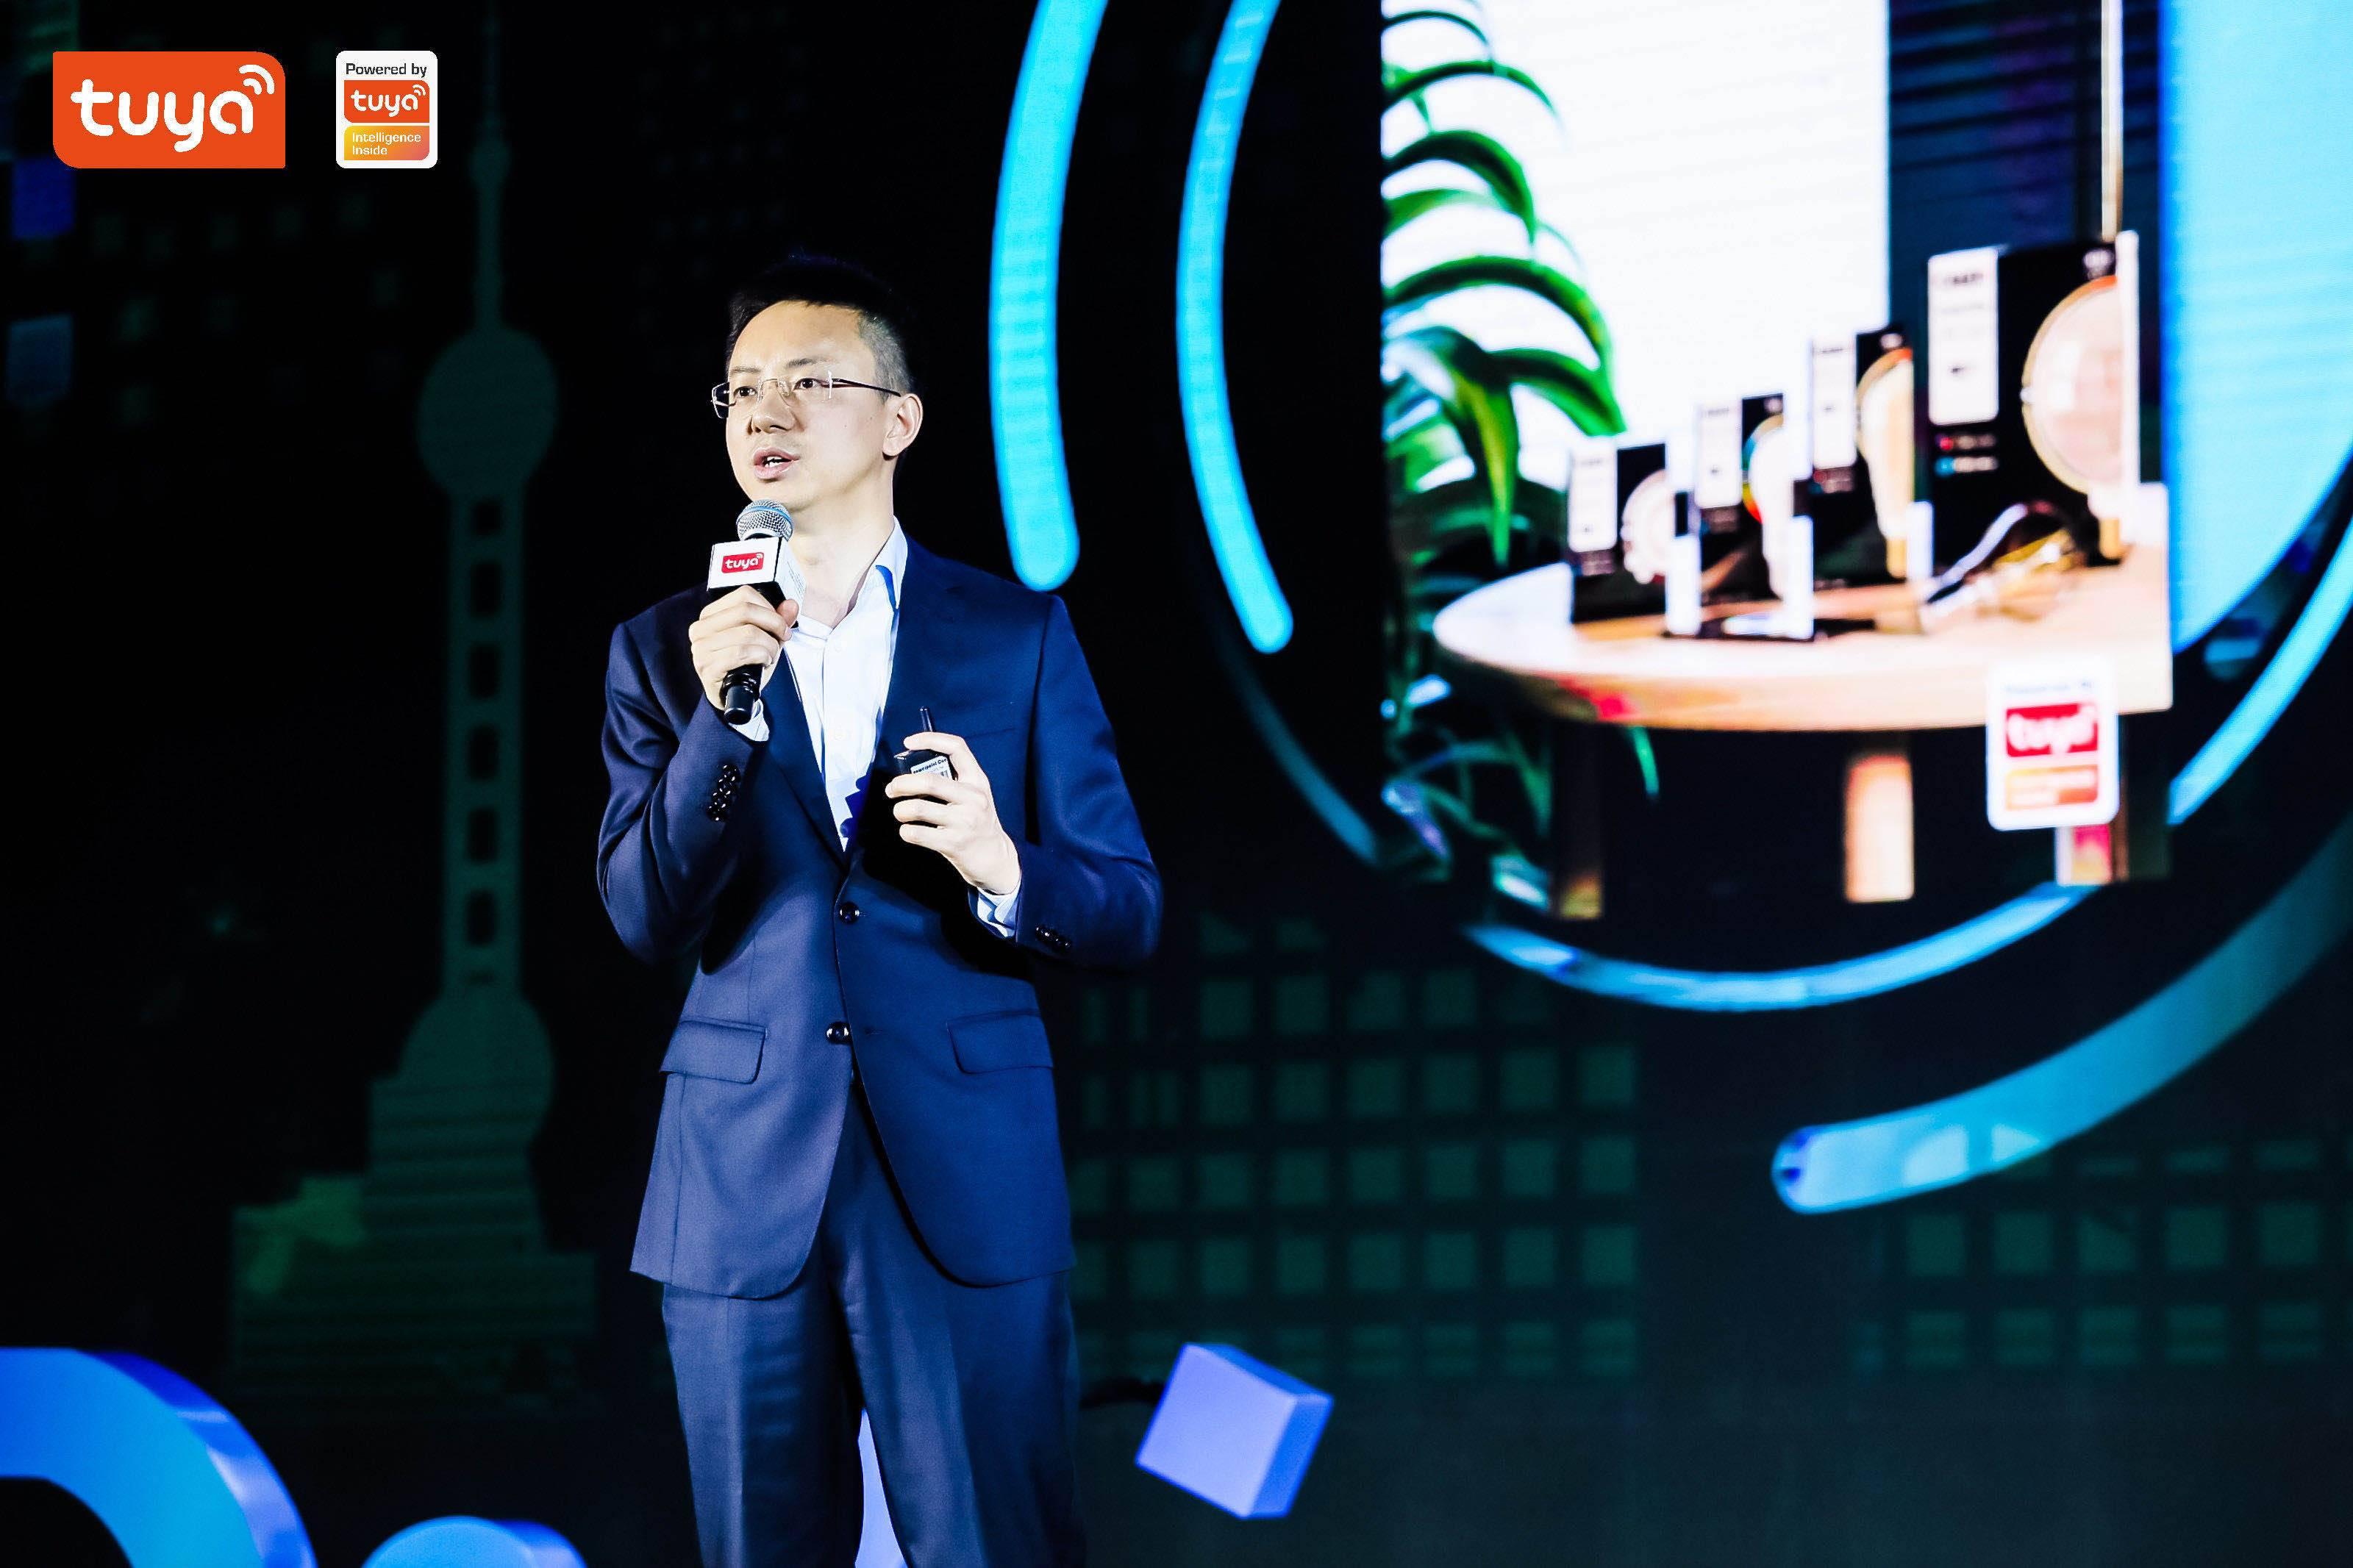 全球硬科技开发者大会在上海成功举办,涂鸦智能发布三大蓝牙新品方案